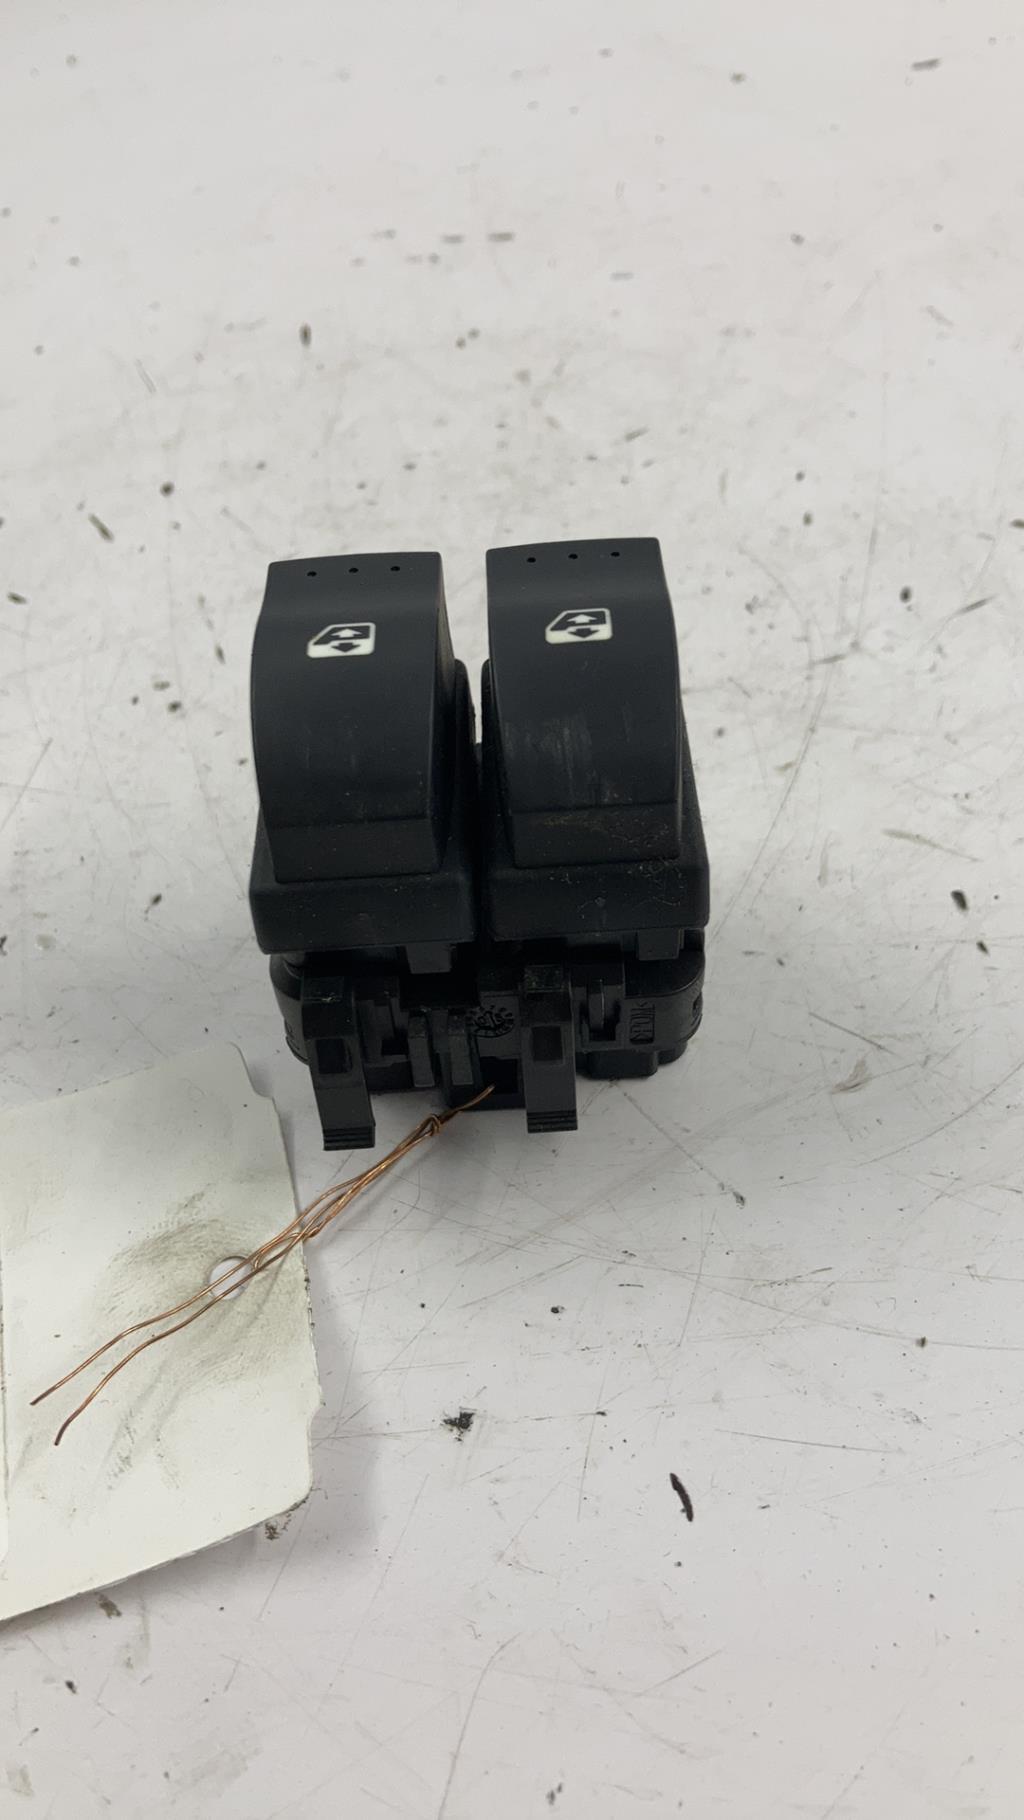 Bouton/Interrupteur RENAULT CLIO 2 PHASE 2 Diesel